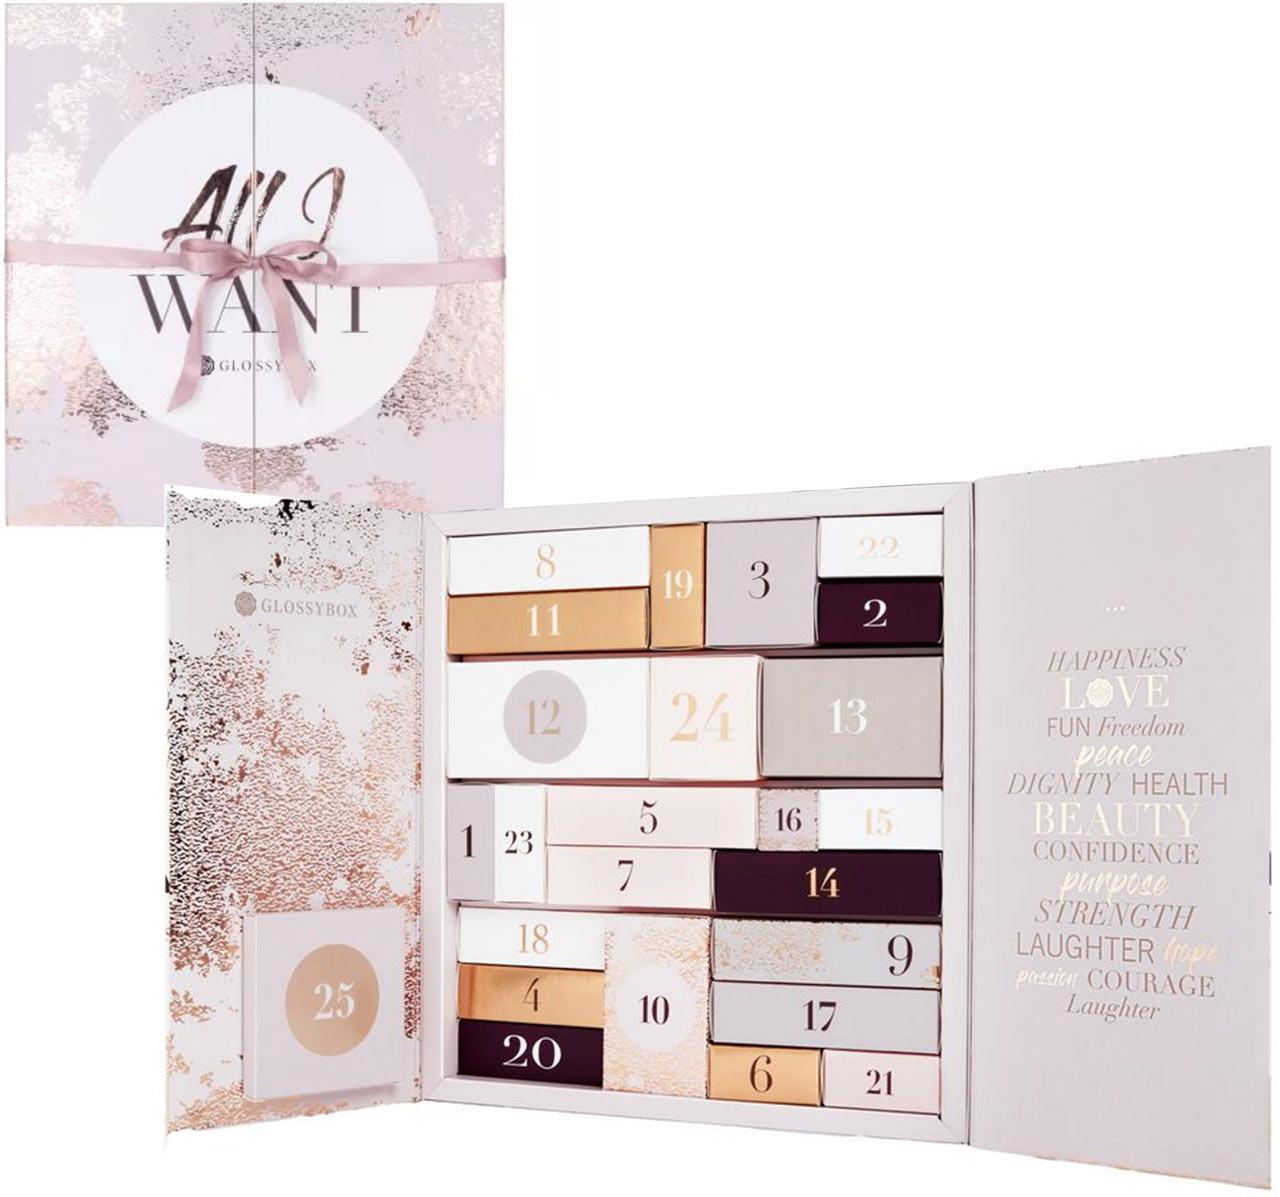 Calendrier de l'avent pour adulte 2018 Glossybox, un calendrier plein de cadeaux beauté